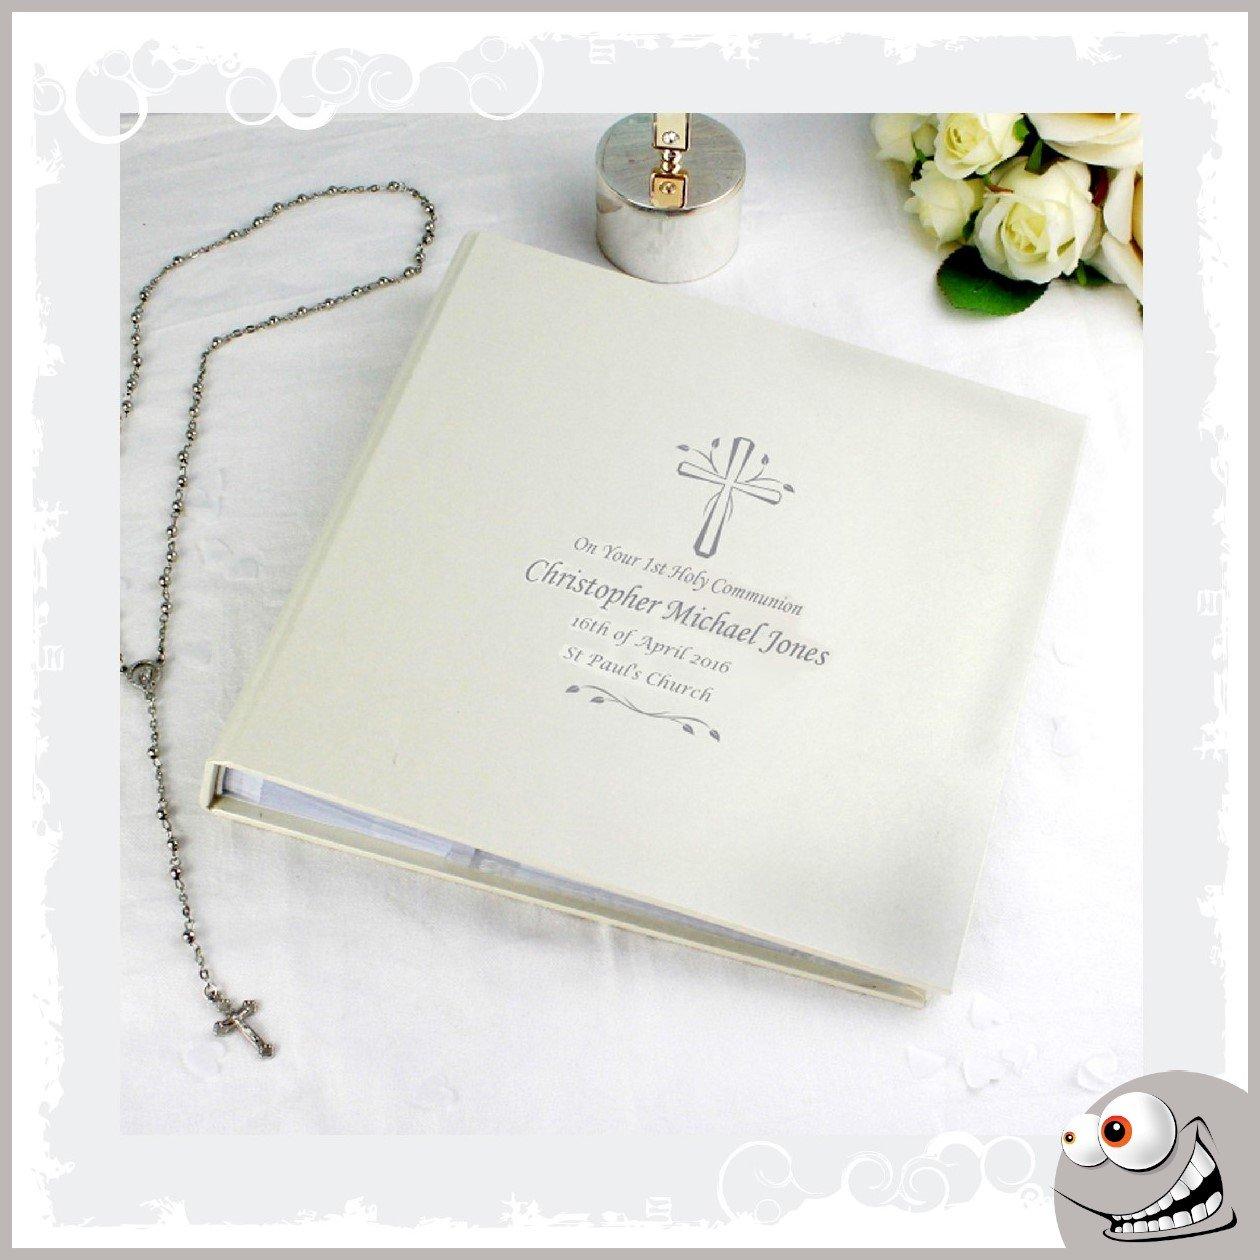 Christliches Geschenk Kommunion personalisierbar Fotoalbum Geschenk für junge oder Mädchen B06XVF5B1F | Qualität und Verbraucher an erster Stelle